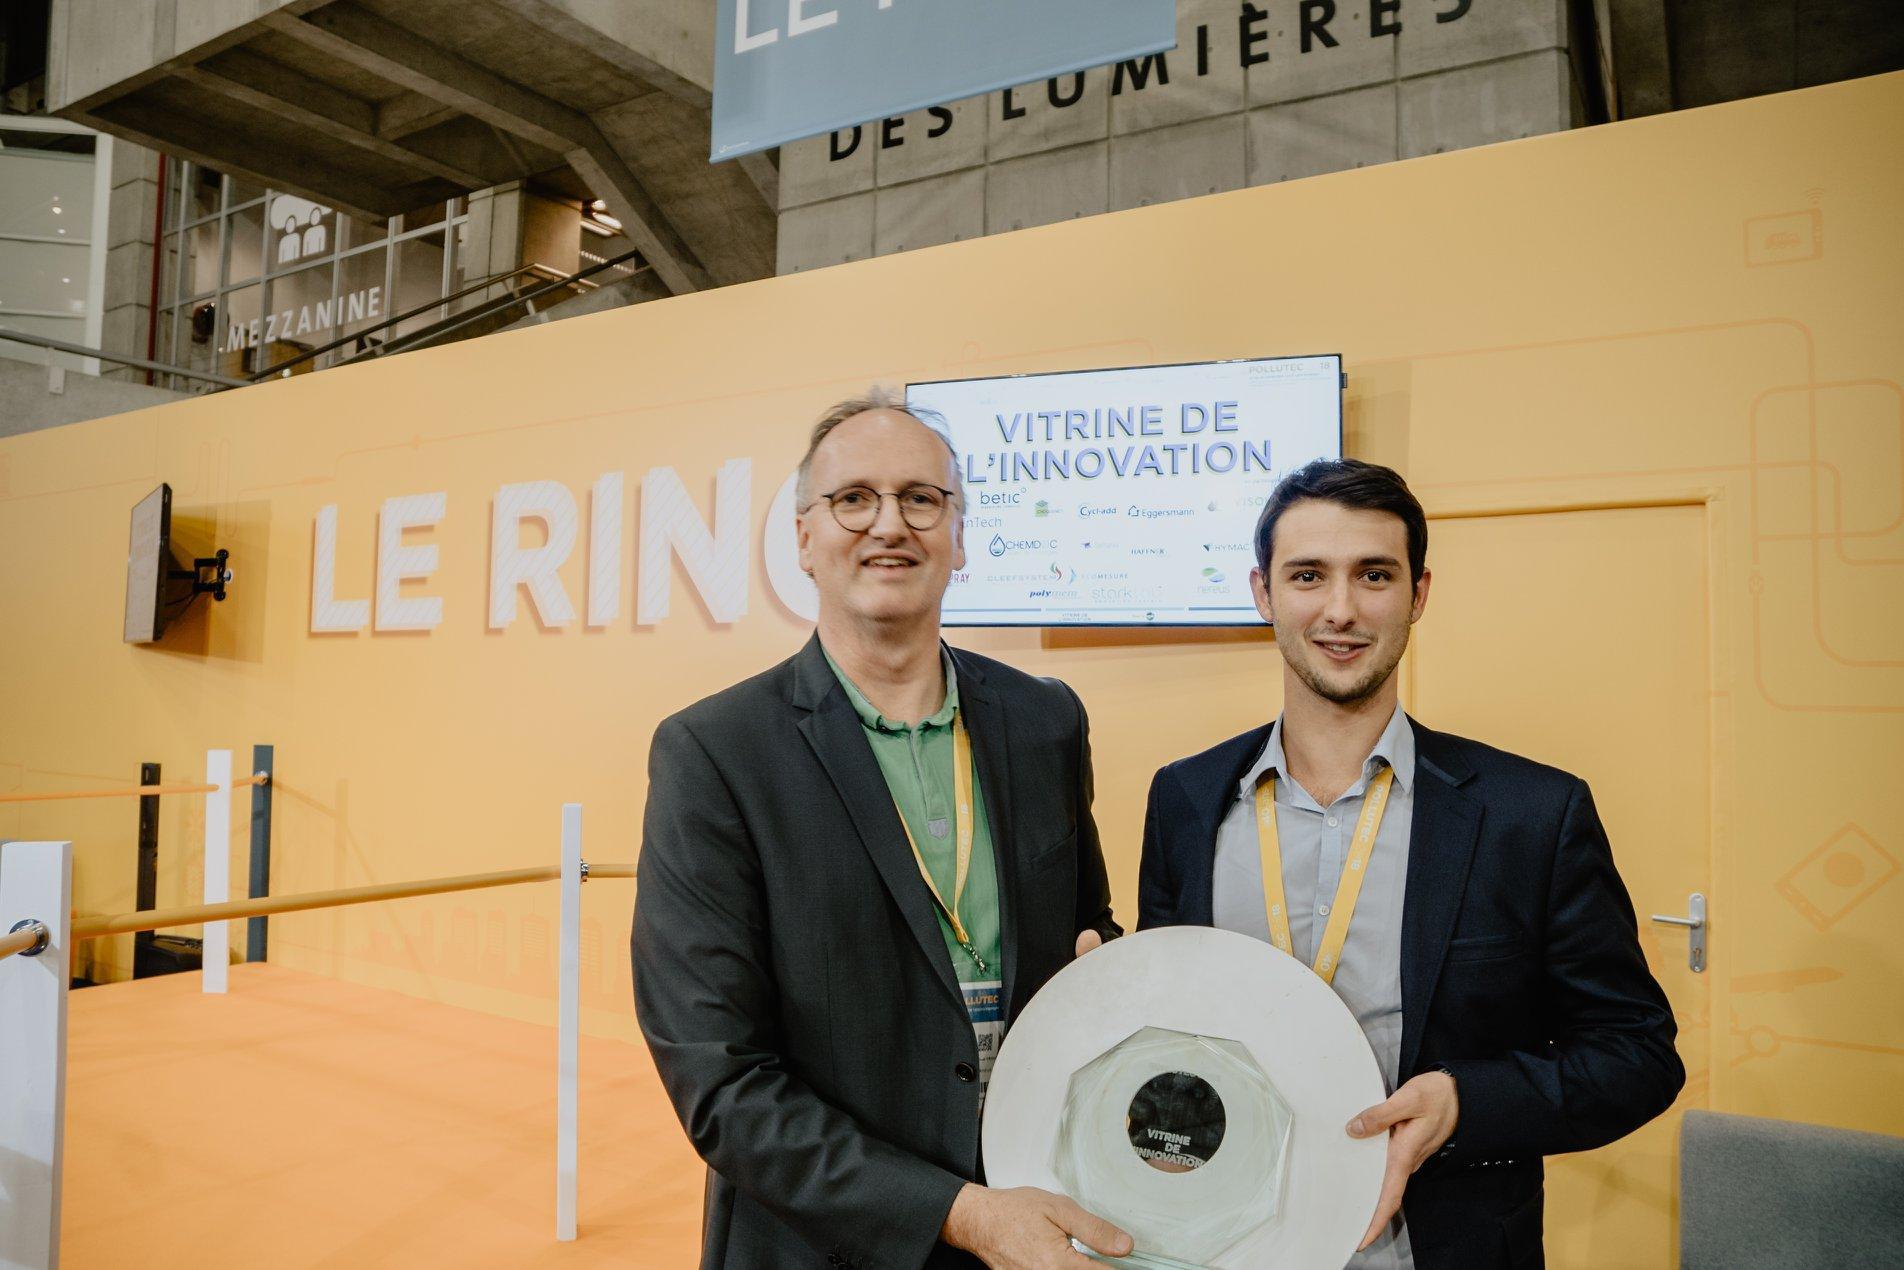 프랑스 리옹 환경 산업 박람회(Pollutec)에서 진행하는 에코 이노베이션 경연대회에는 환경 관련한 프로젝트 기업이 참여할 수 있습니다.